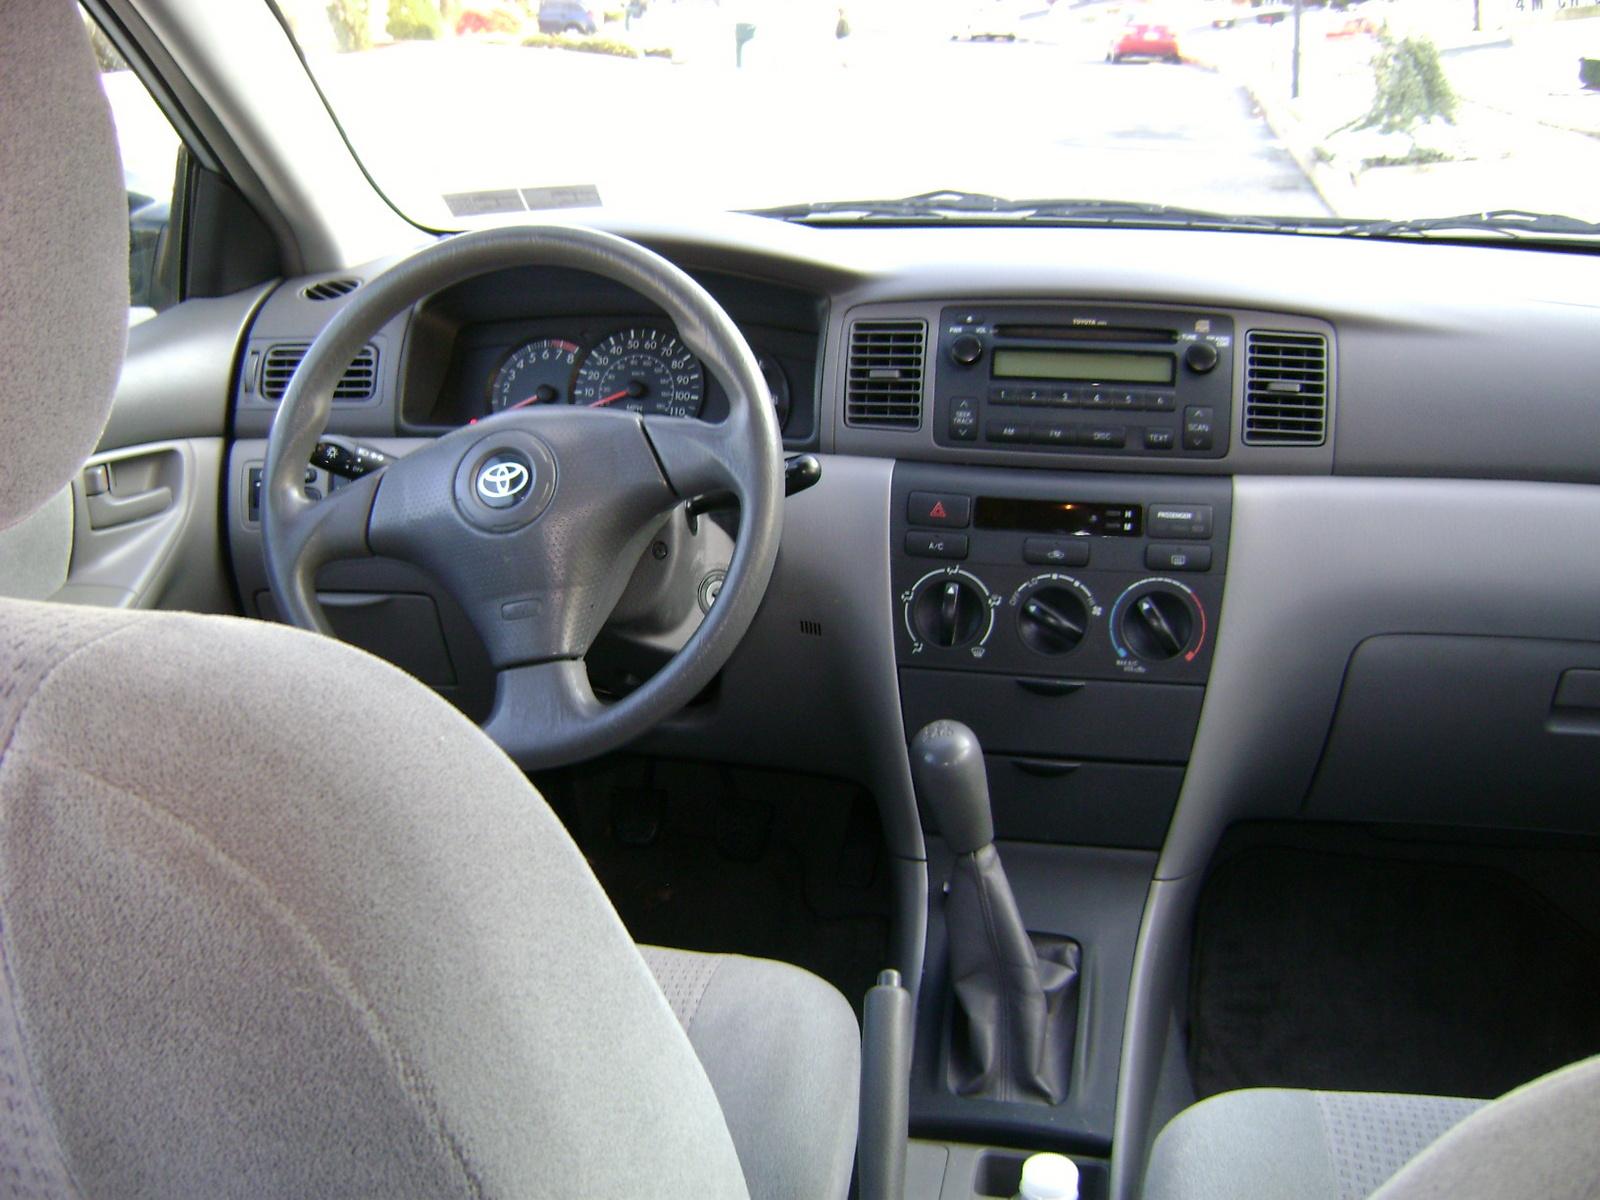 2008 Toyota Corolla Interior Pictures Cargurus